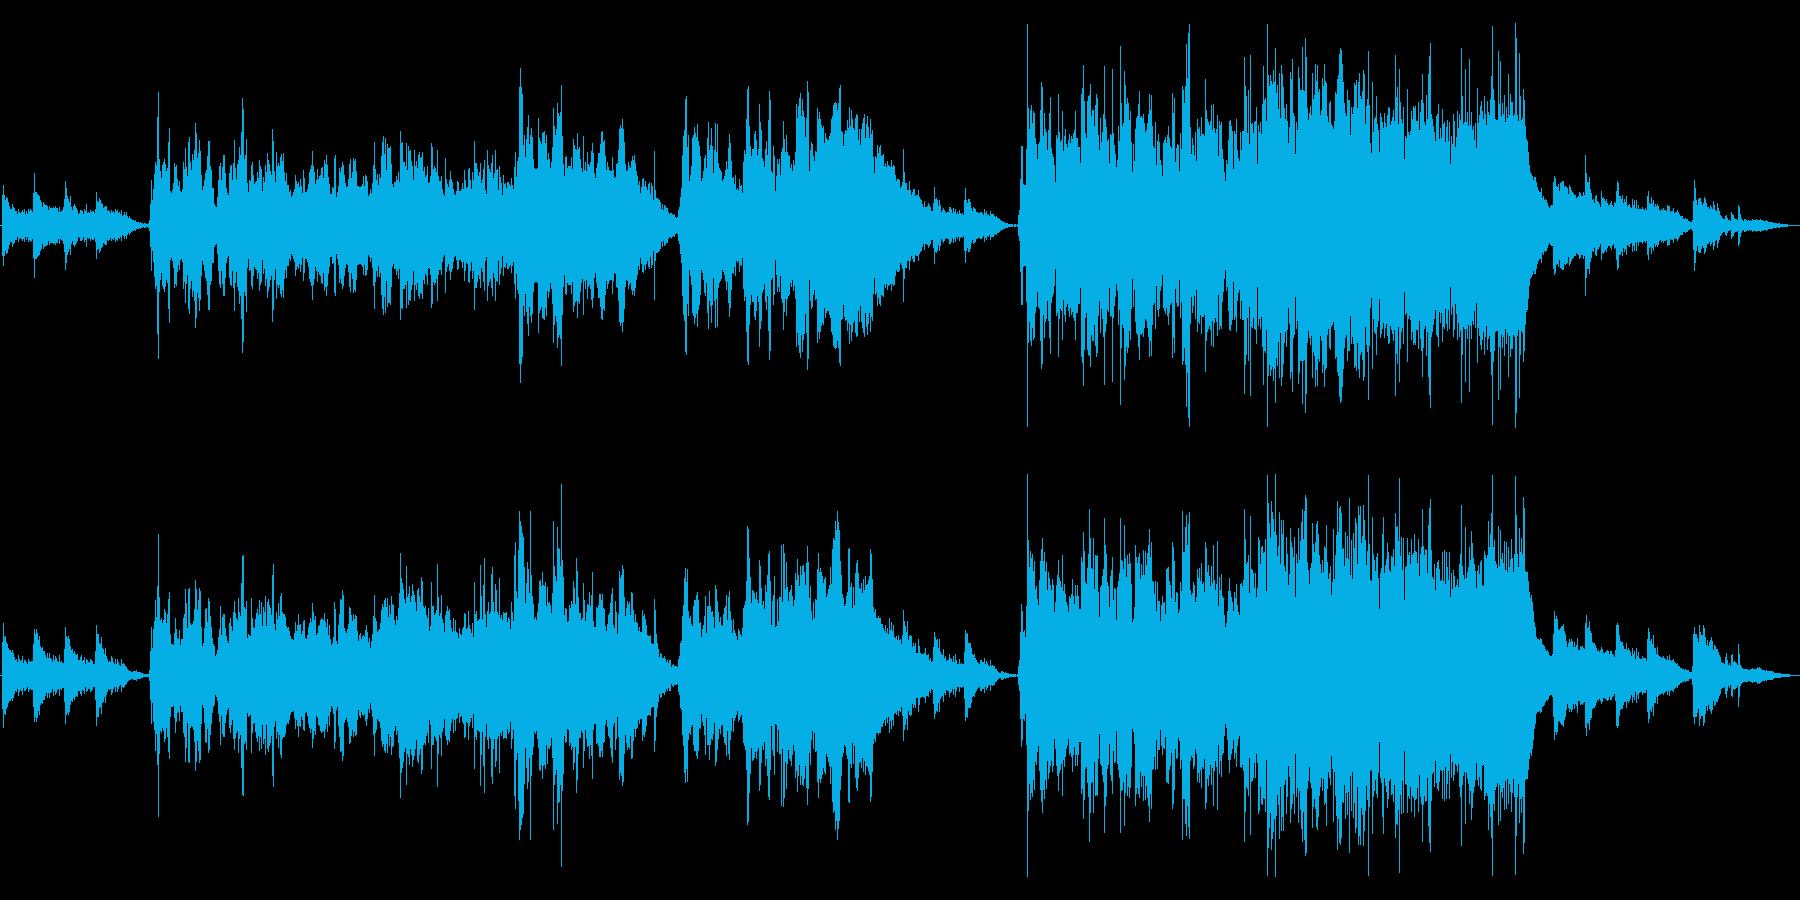 生演奏《 爽やかなチェロのヒーリング曲》の再生済みの波形